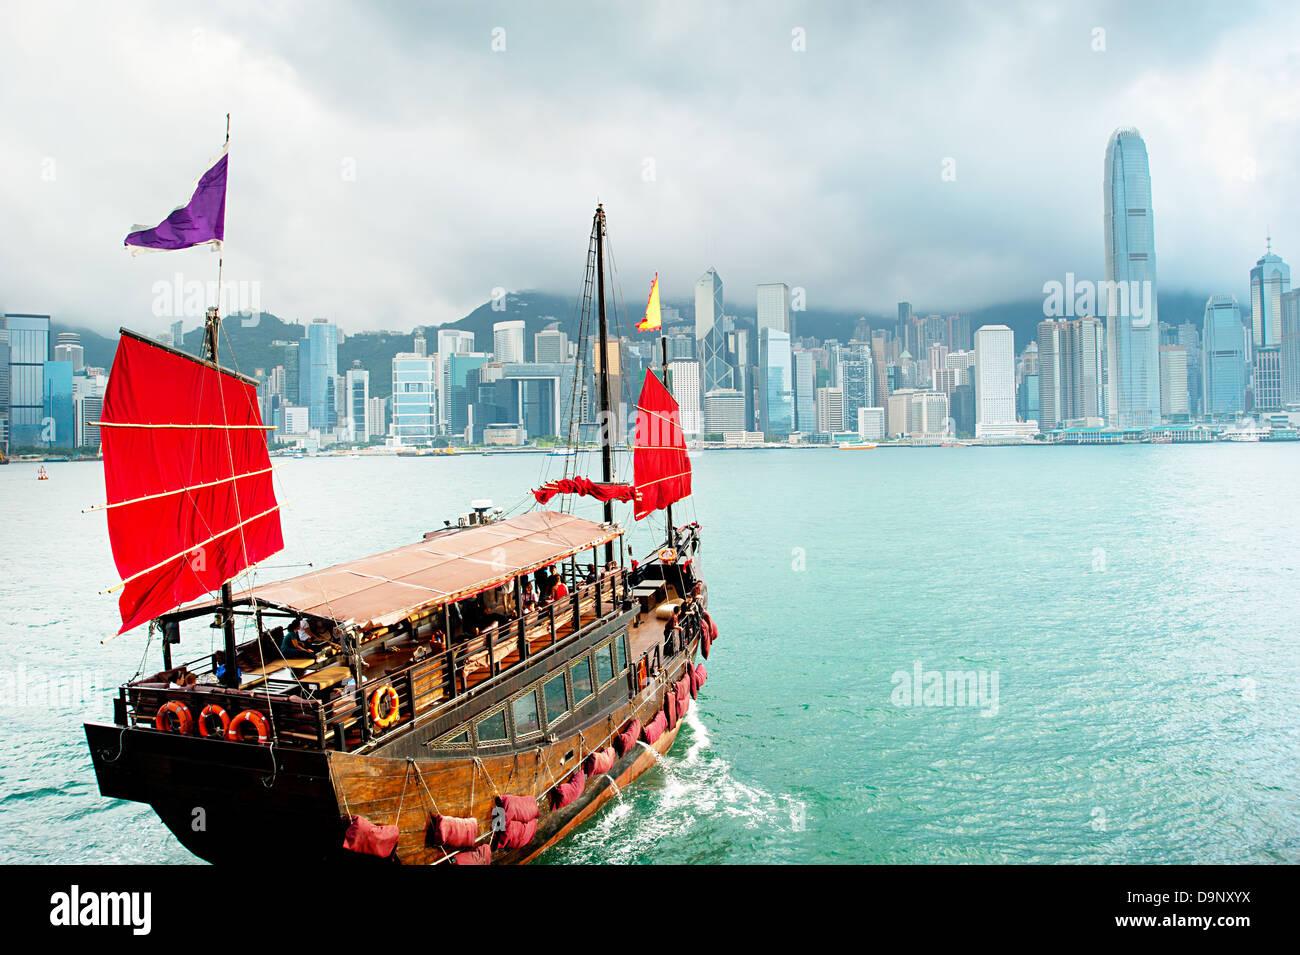 Cinese tradizionale stile barca a vela barca a vela nel porto di Hong Kong Immagini Stock